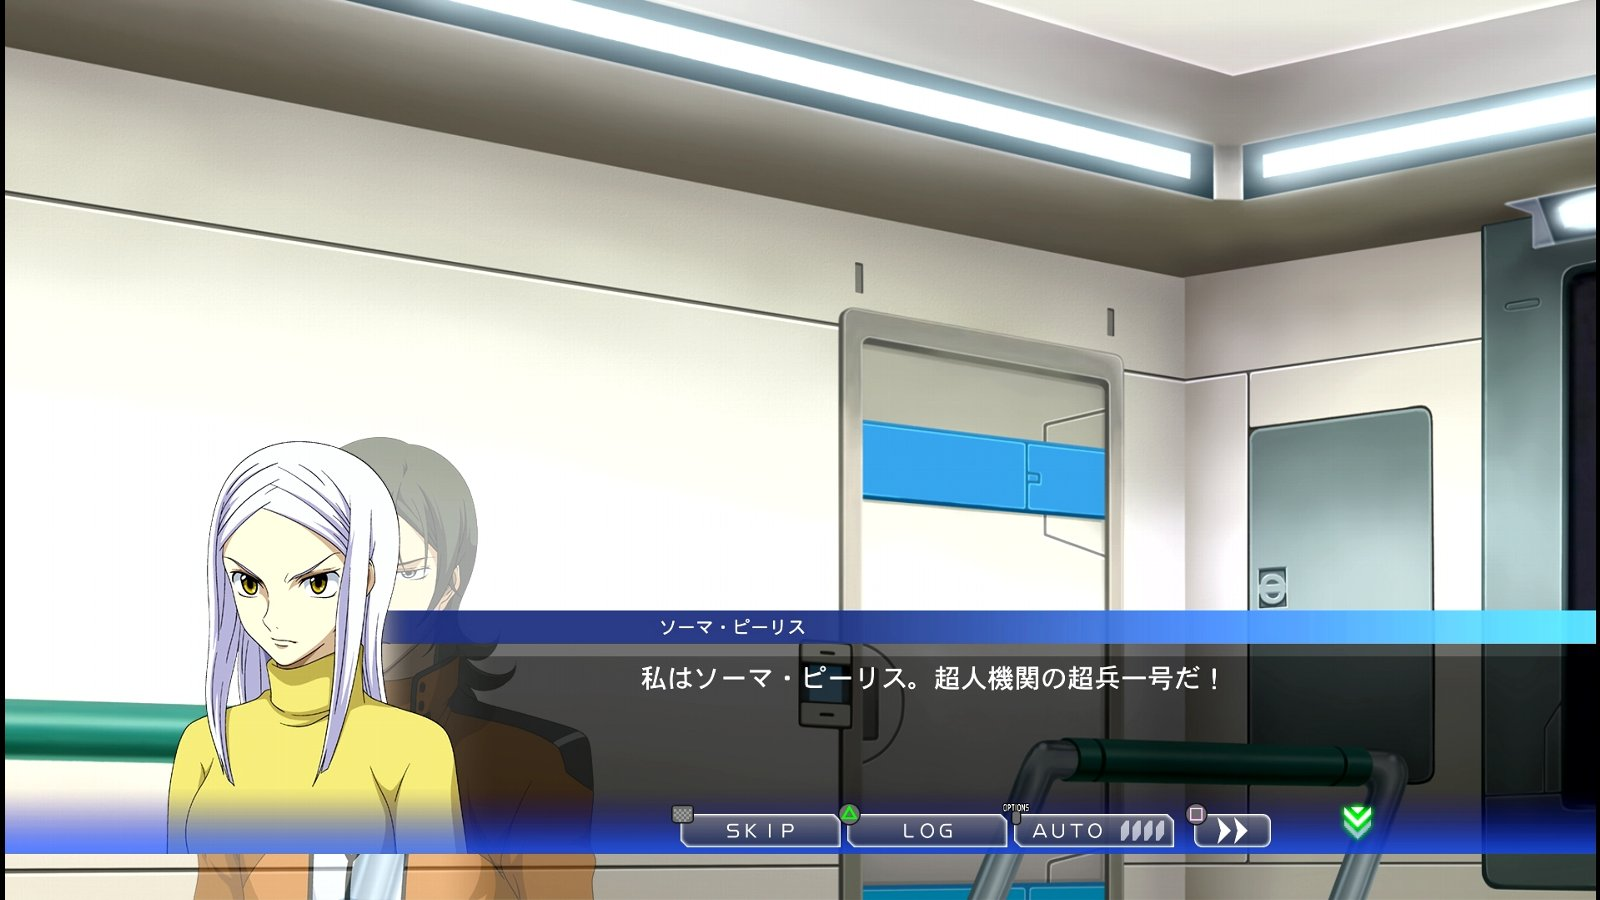 レイズ オートマトン クロス 【Gジェネクロスレイズ】ガンダム00第13話 未来のために